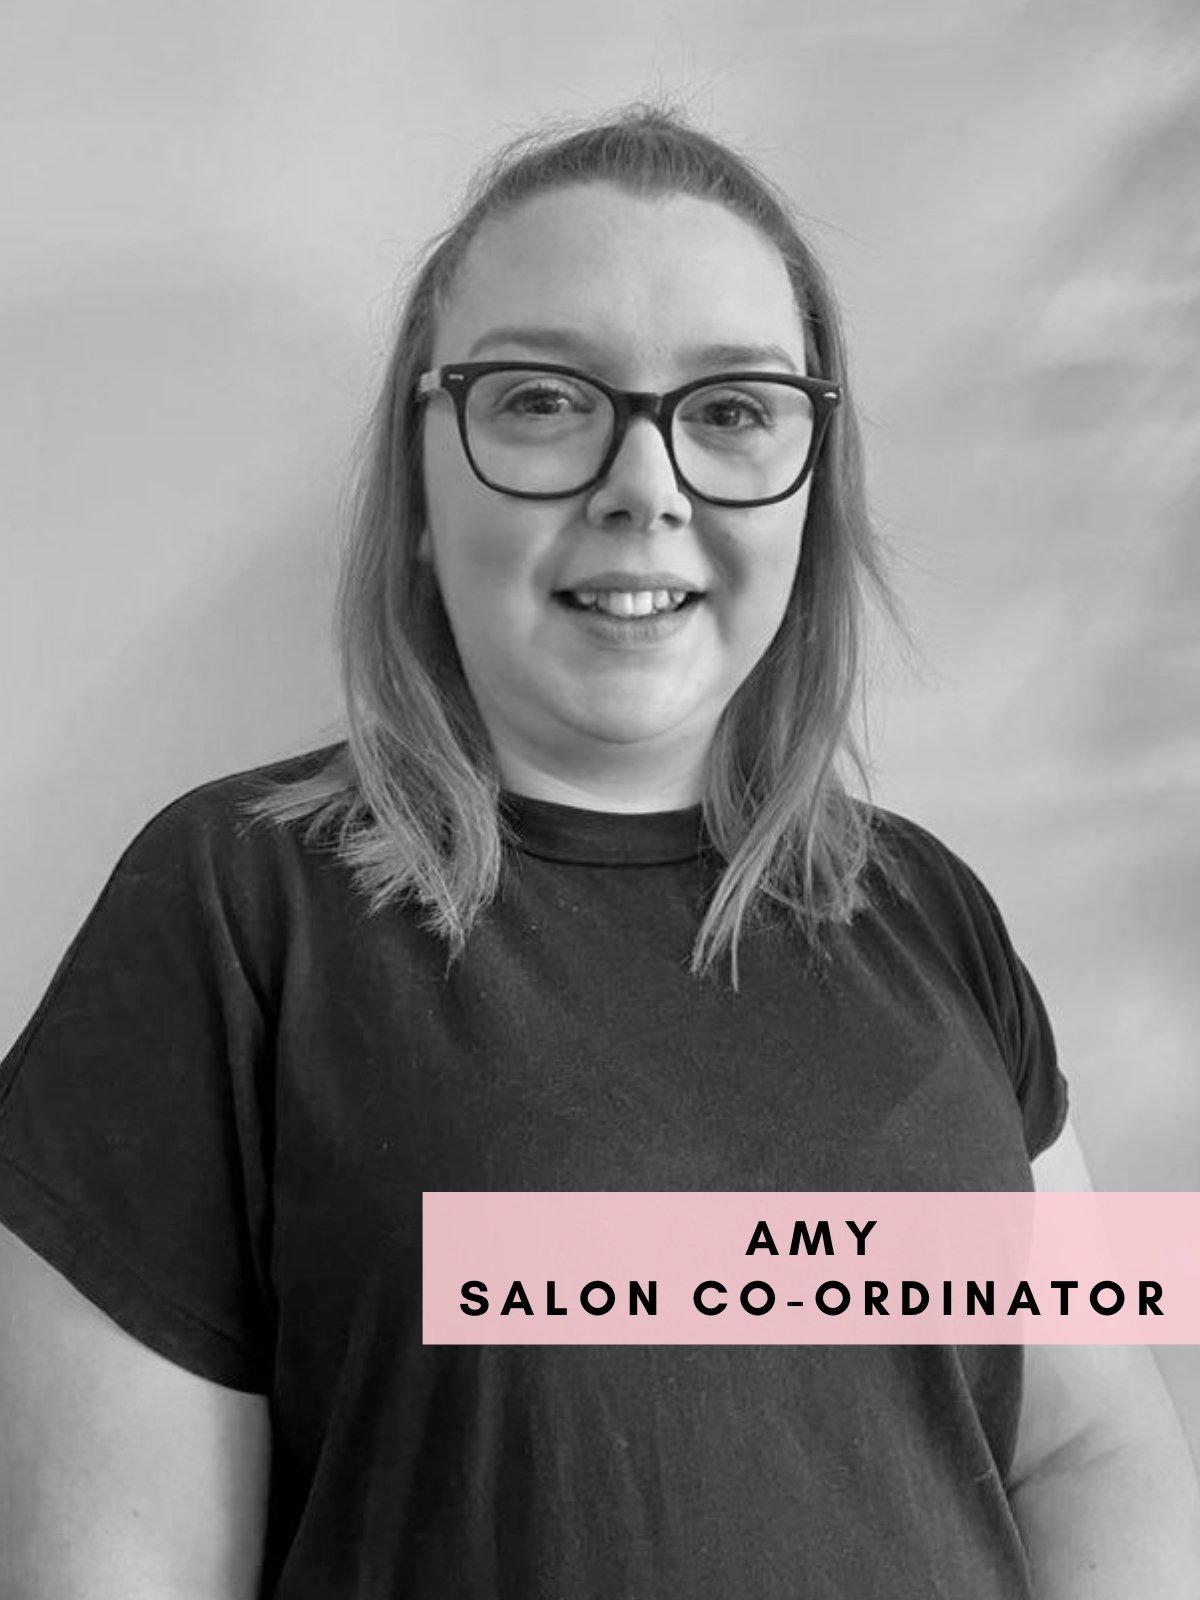 Amy – Salon Co-Ordinator